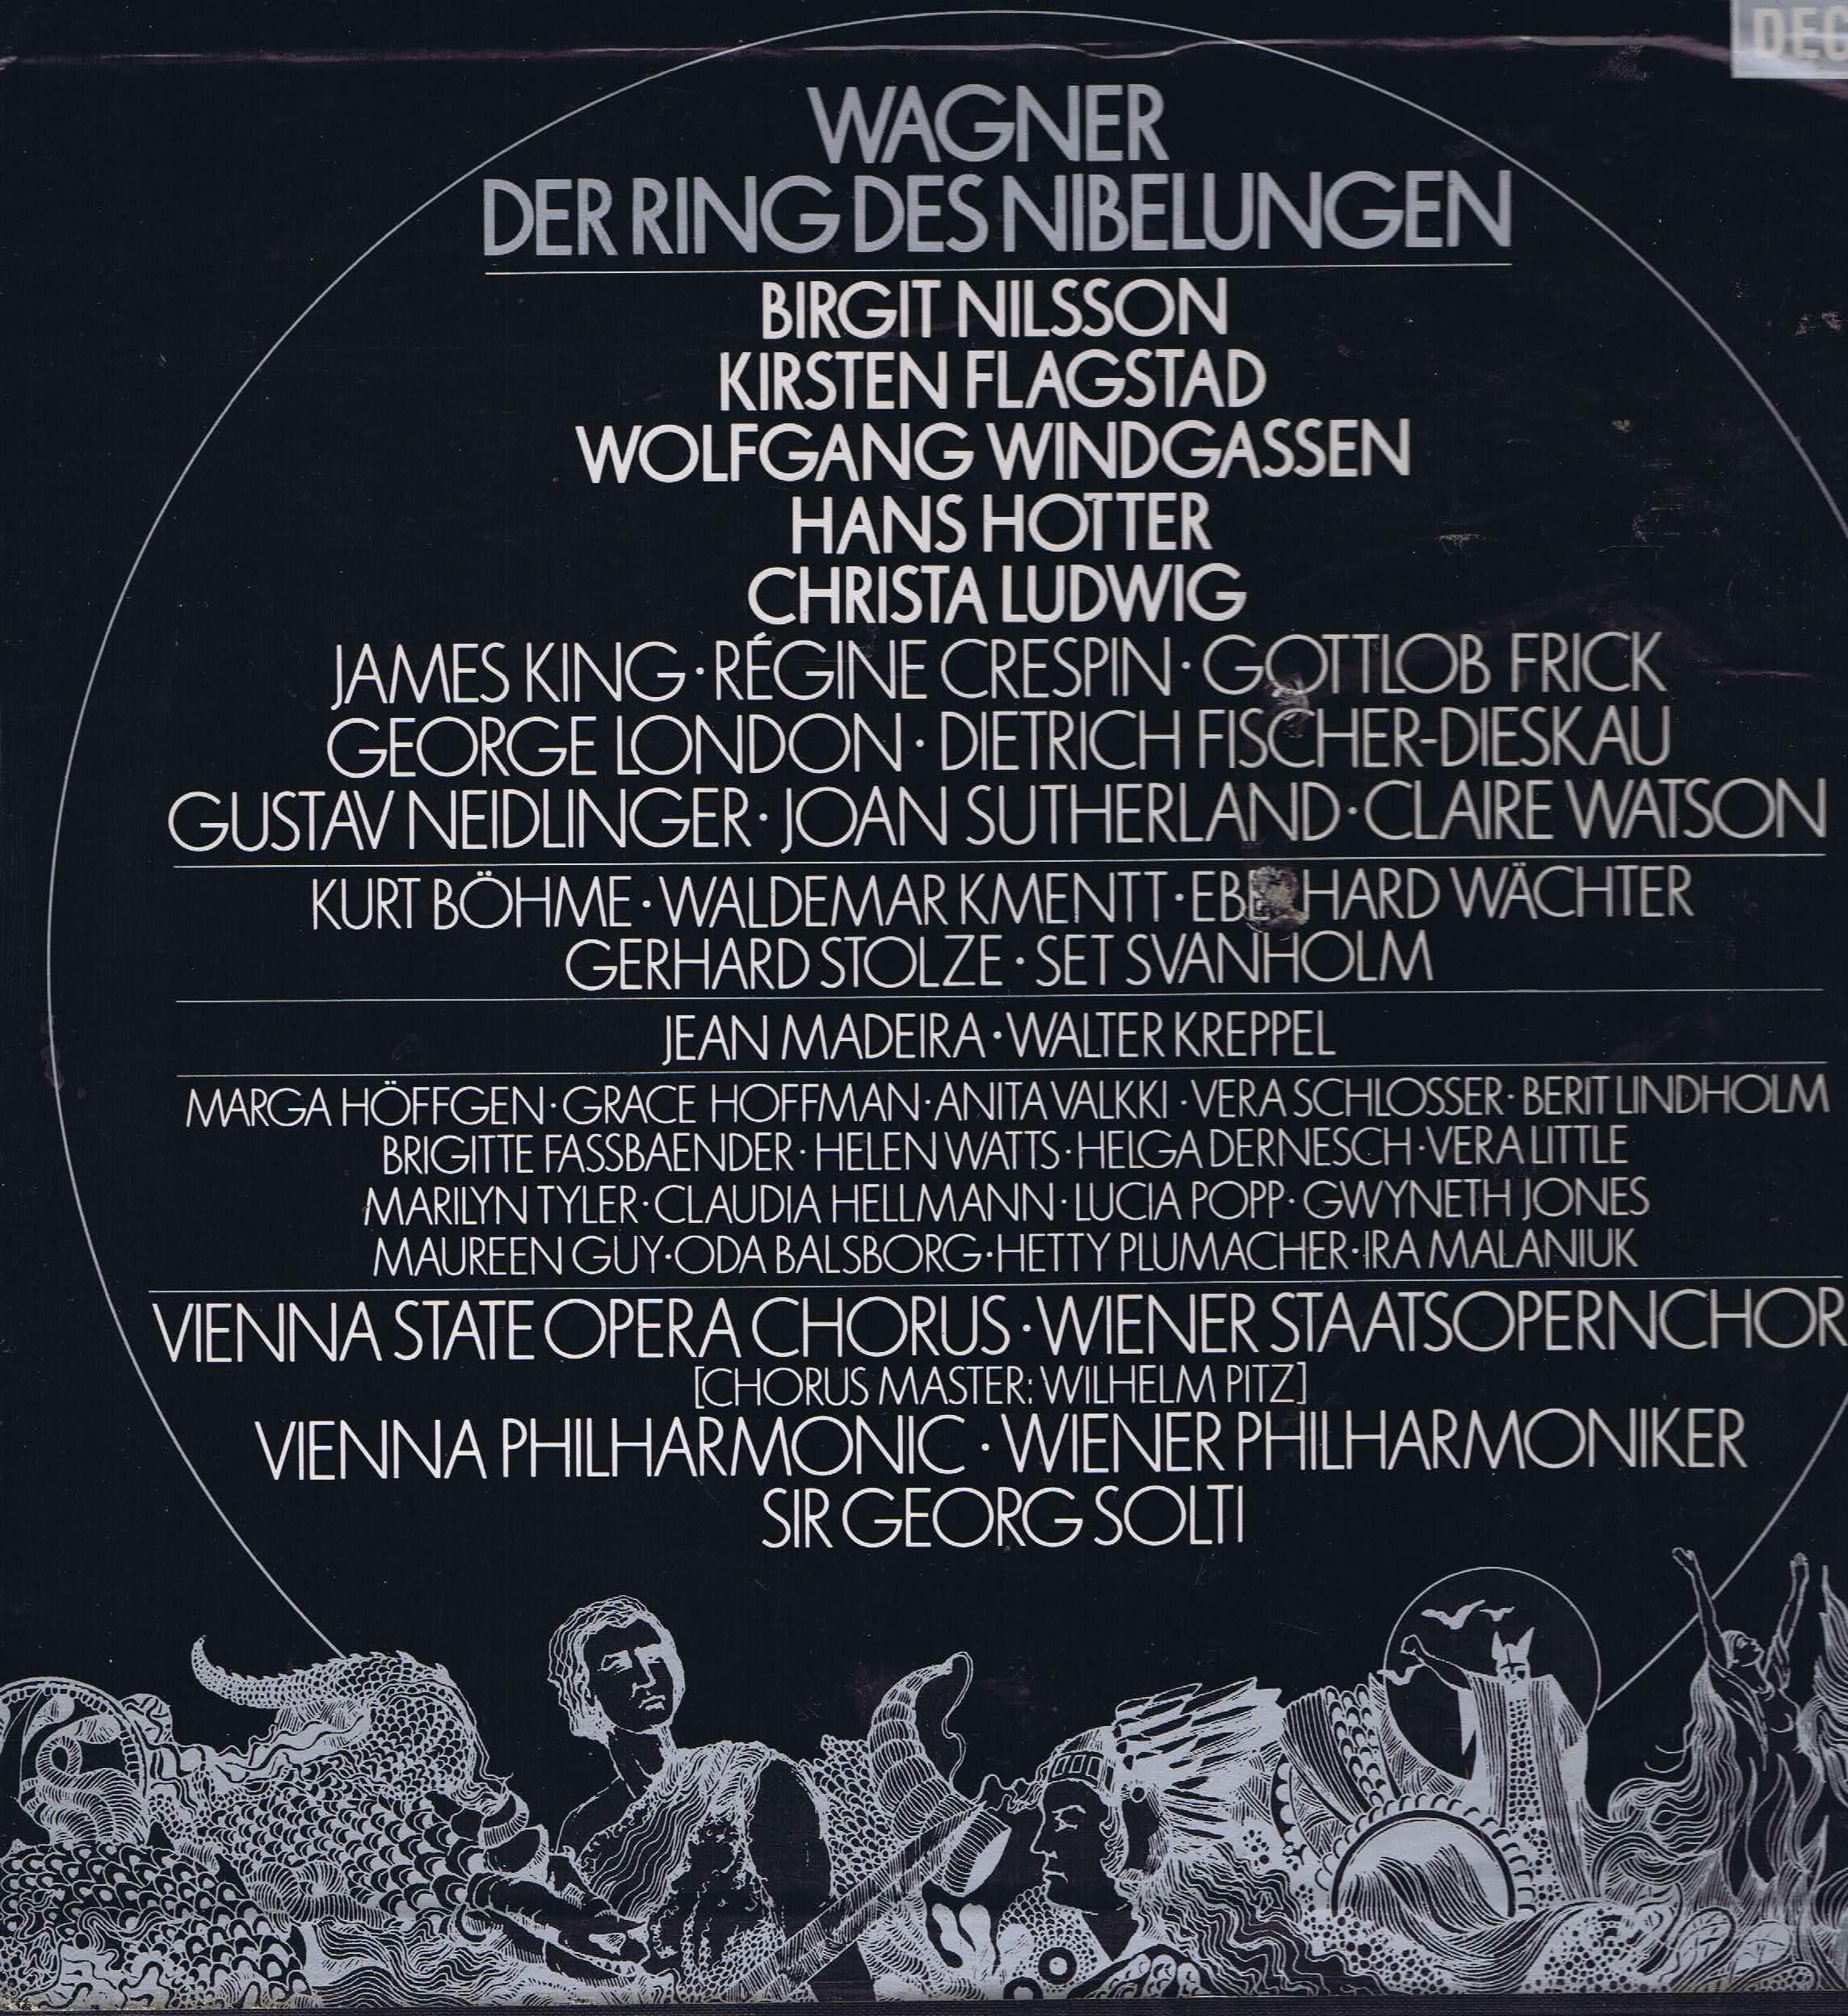 Wagner Der Ring Des Nibelungen Decca 19 Lp Set D